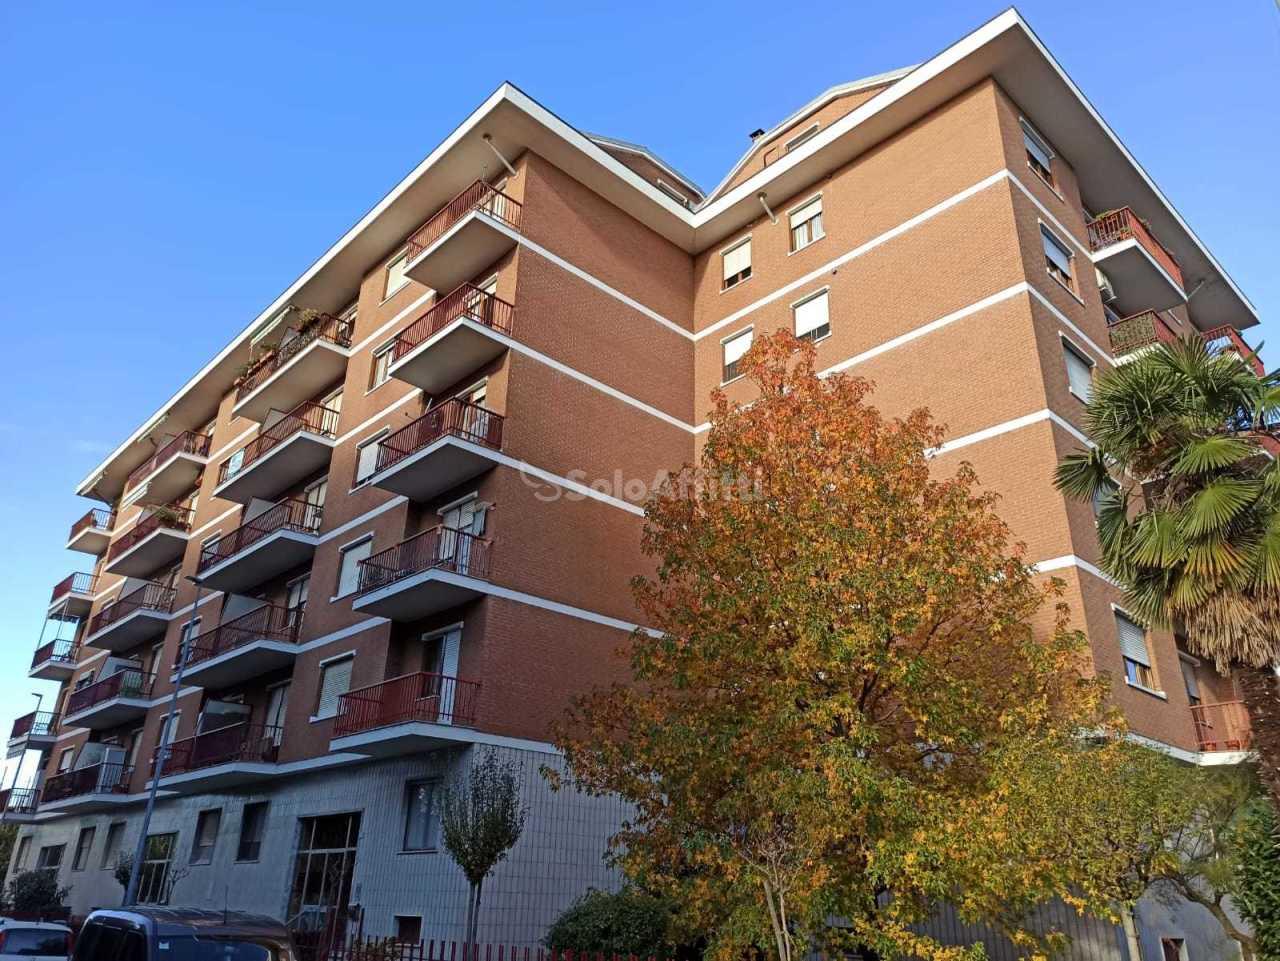 Appartamento in affitto a Moncalieri, 2 locali, prezzo € 420 | PortaleAgenzieImmobiliari.it